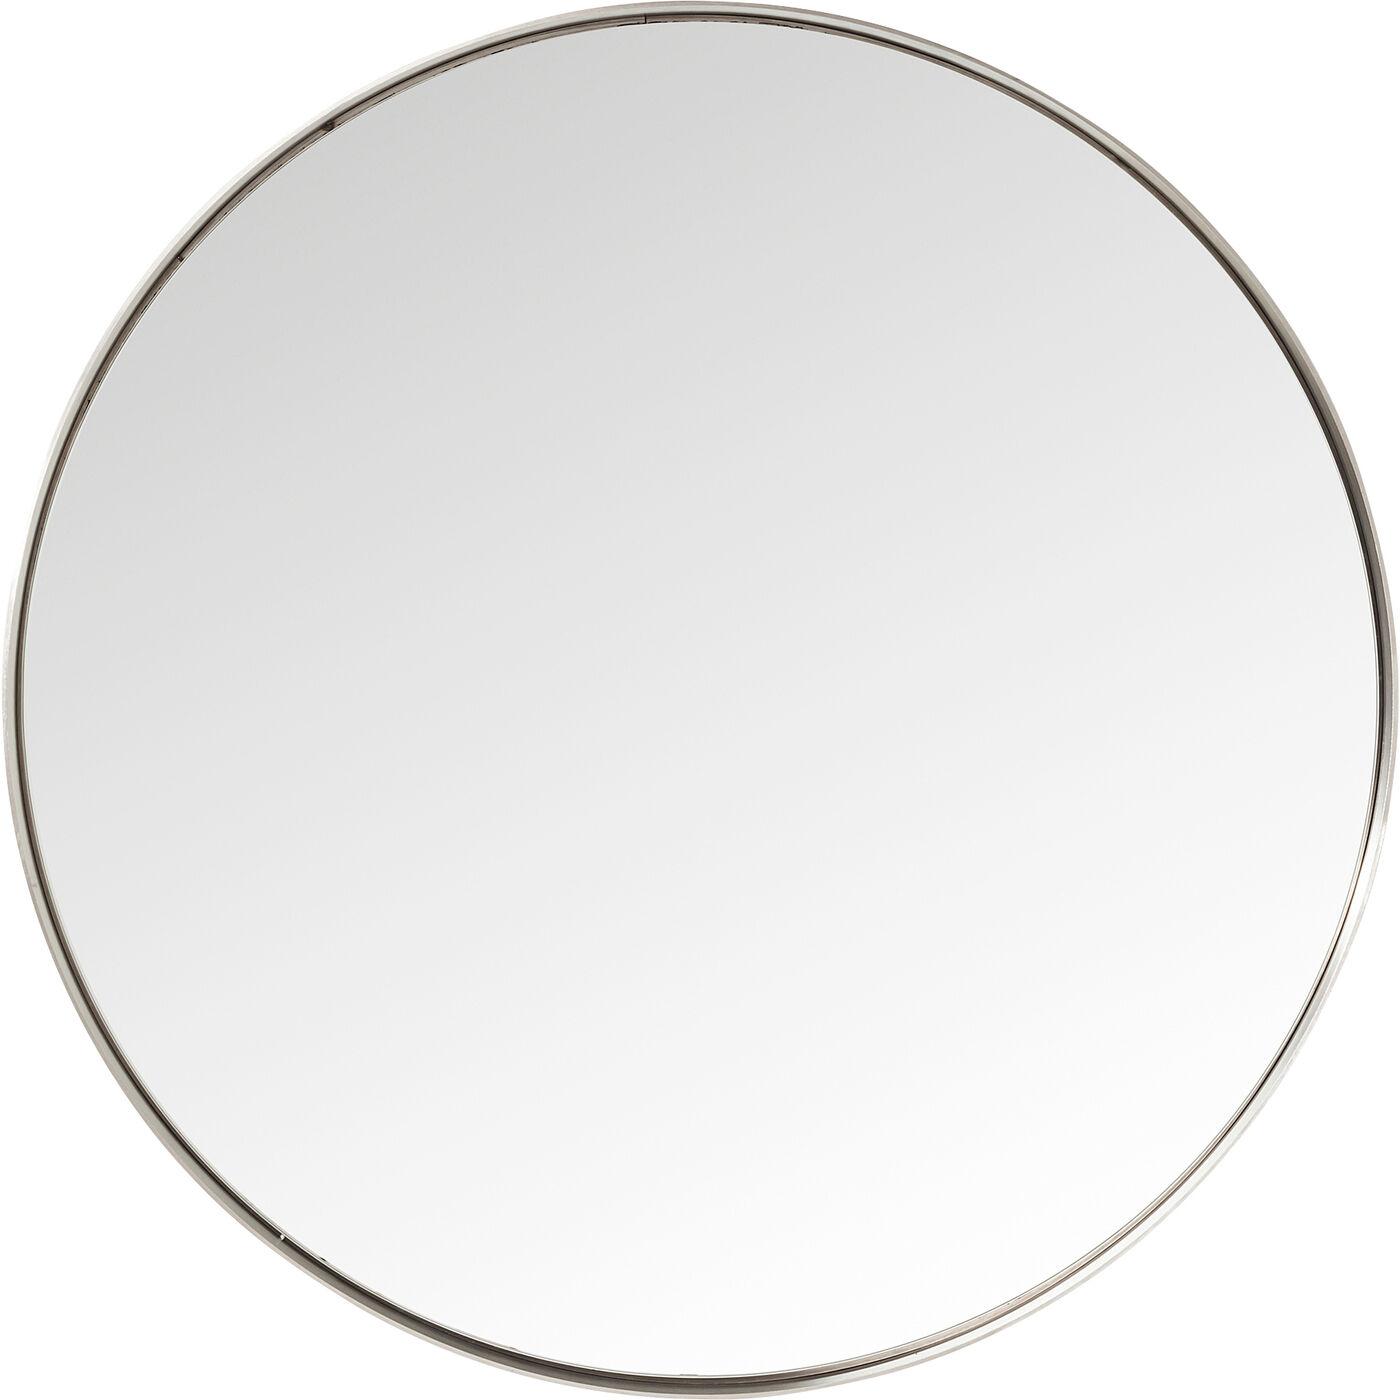 Spiegel Curve Round Stainless Steel Ø100cm